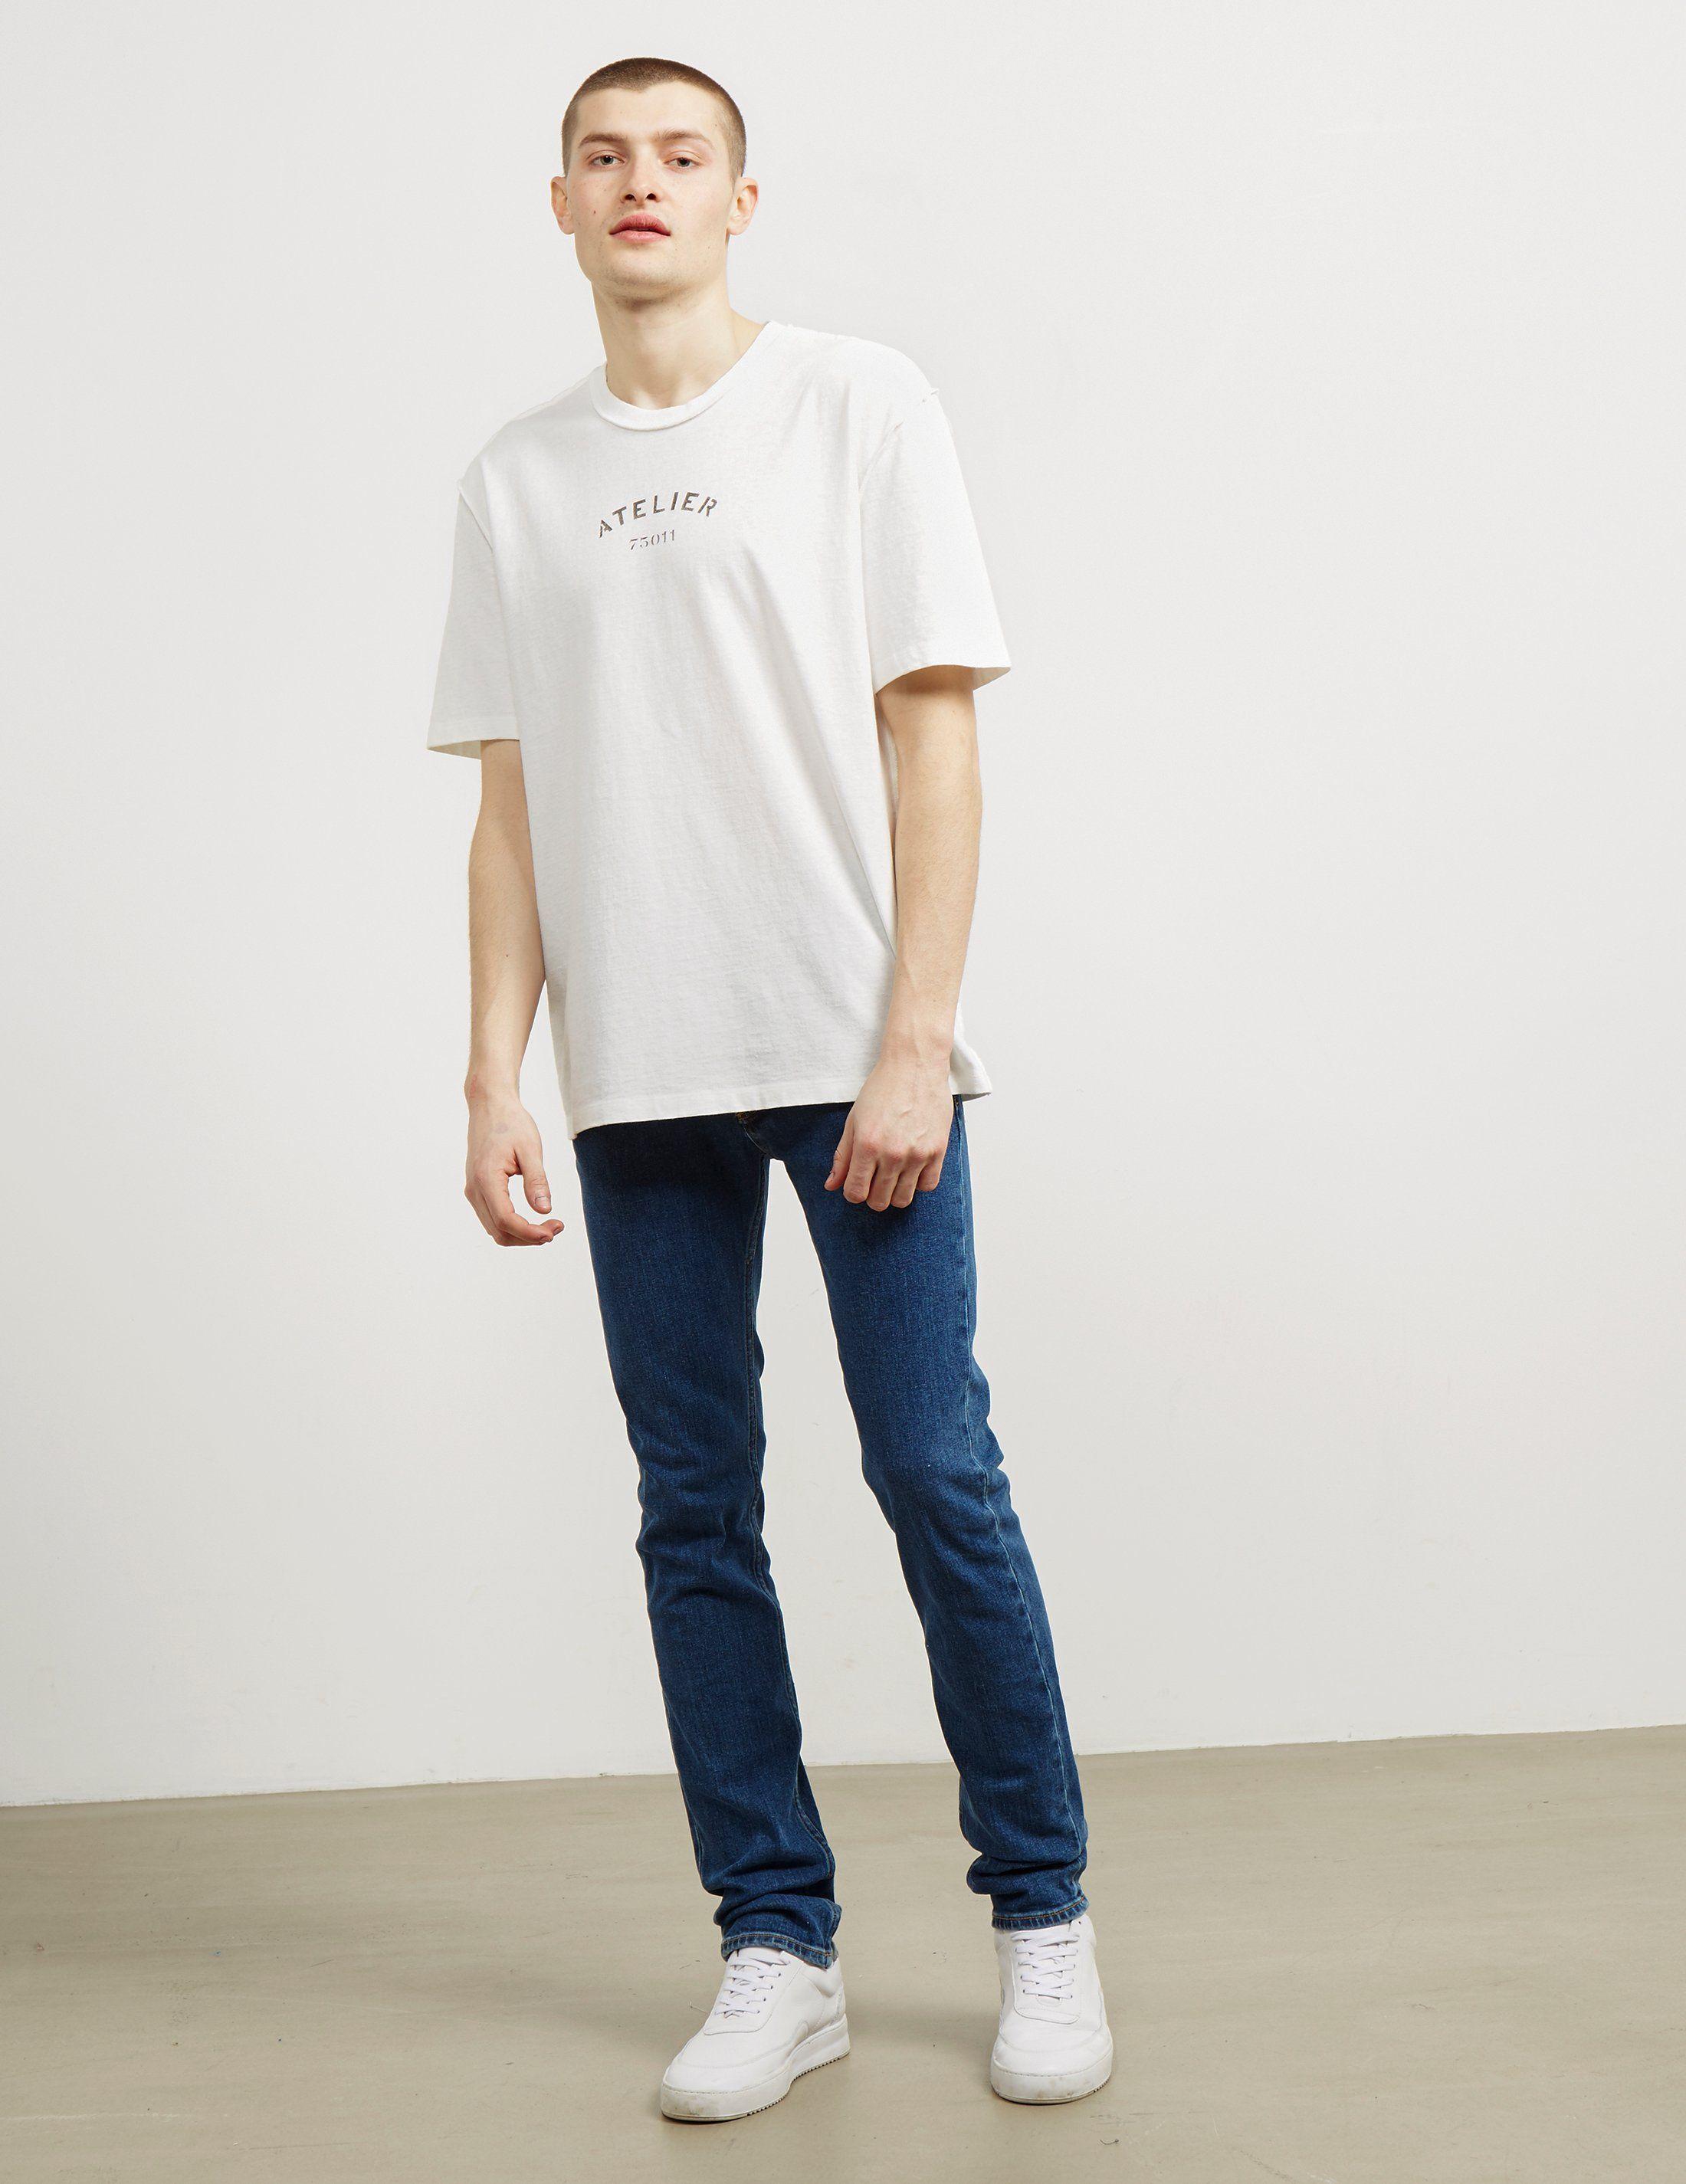 Maison Margiela Slim Jeans - Online Exclusive